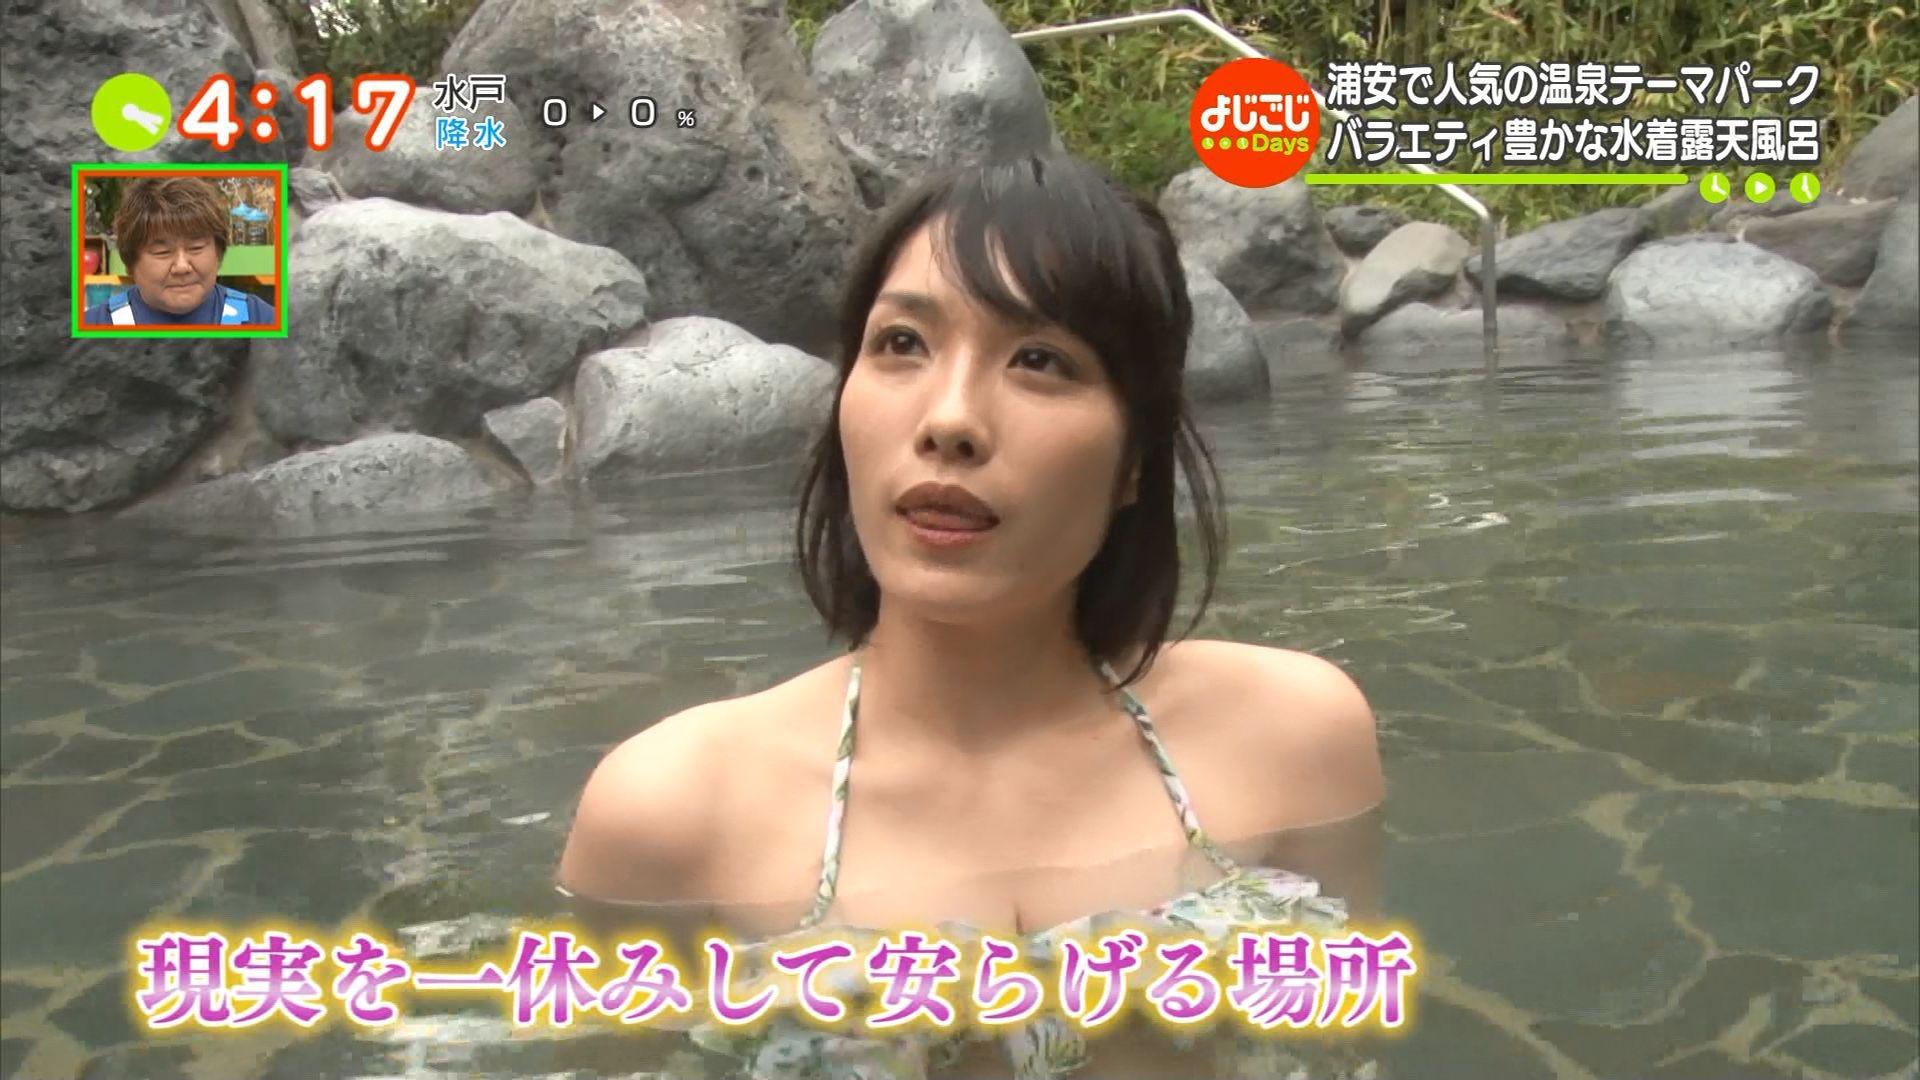 今野杏南の『よじごじDays』水着入浴エロキャプ 画像023